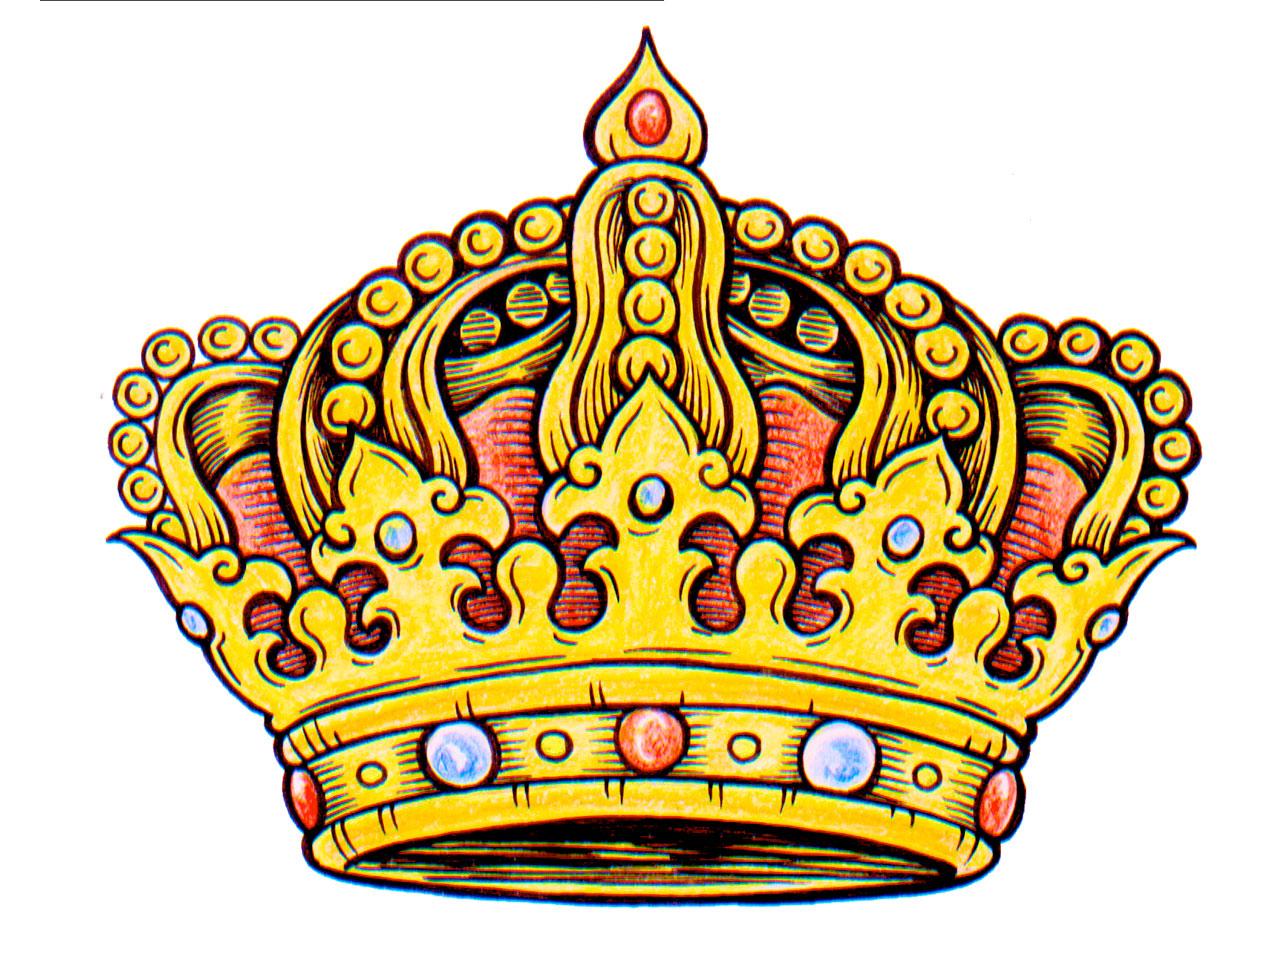 king crown logo design clipart best. Black Bedroom Furniture Sets. Home Design Ideas